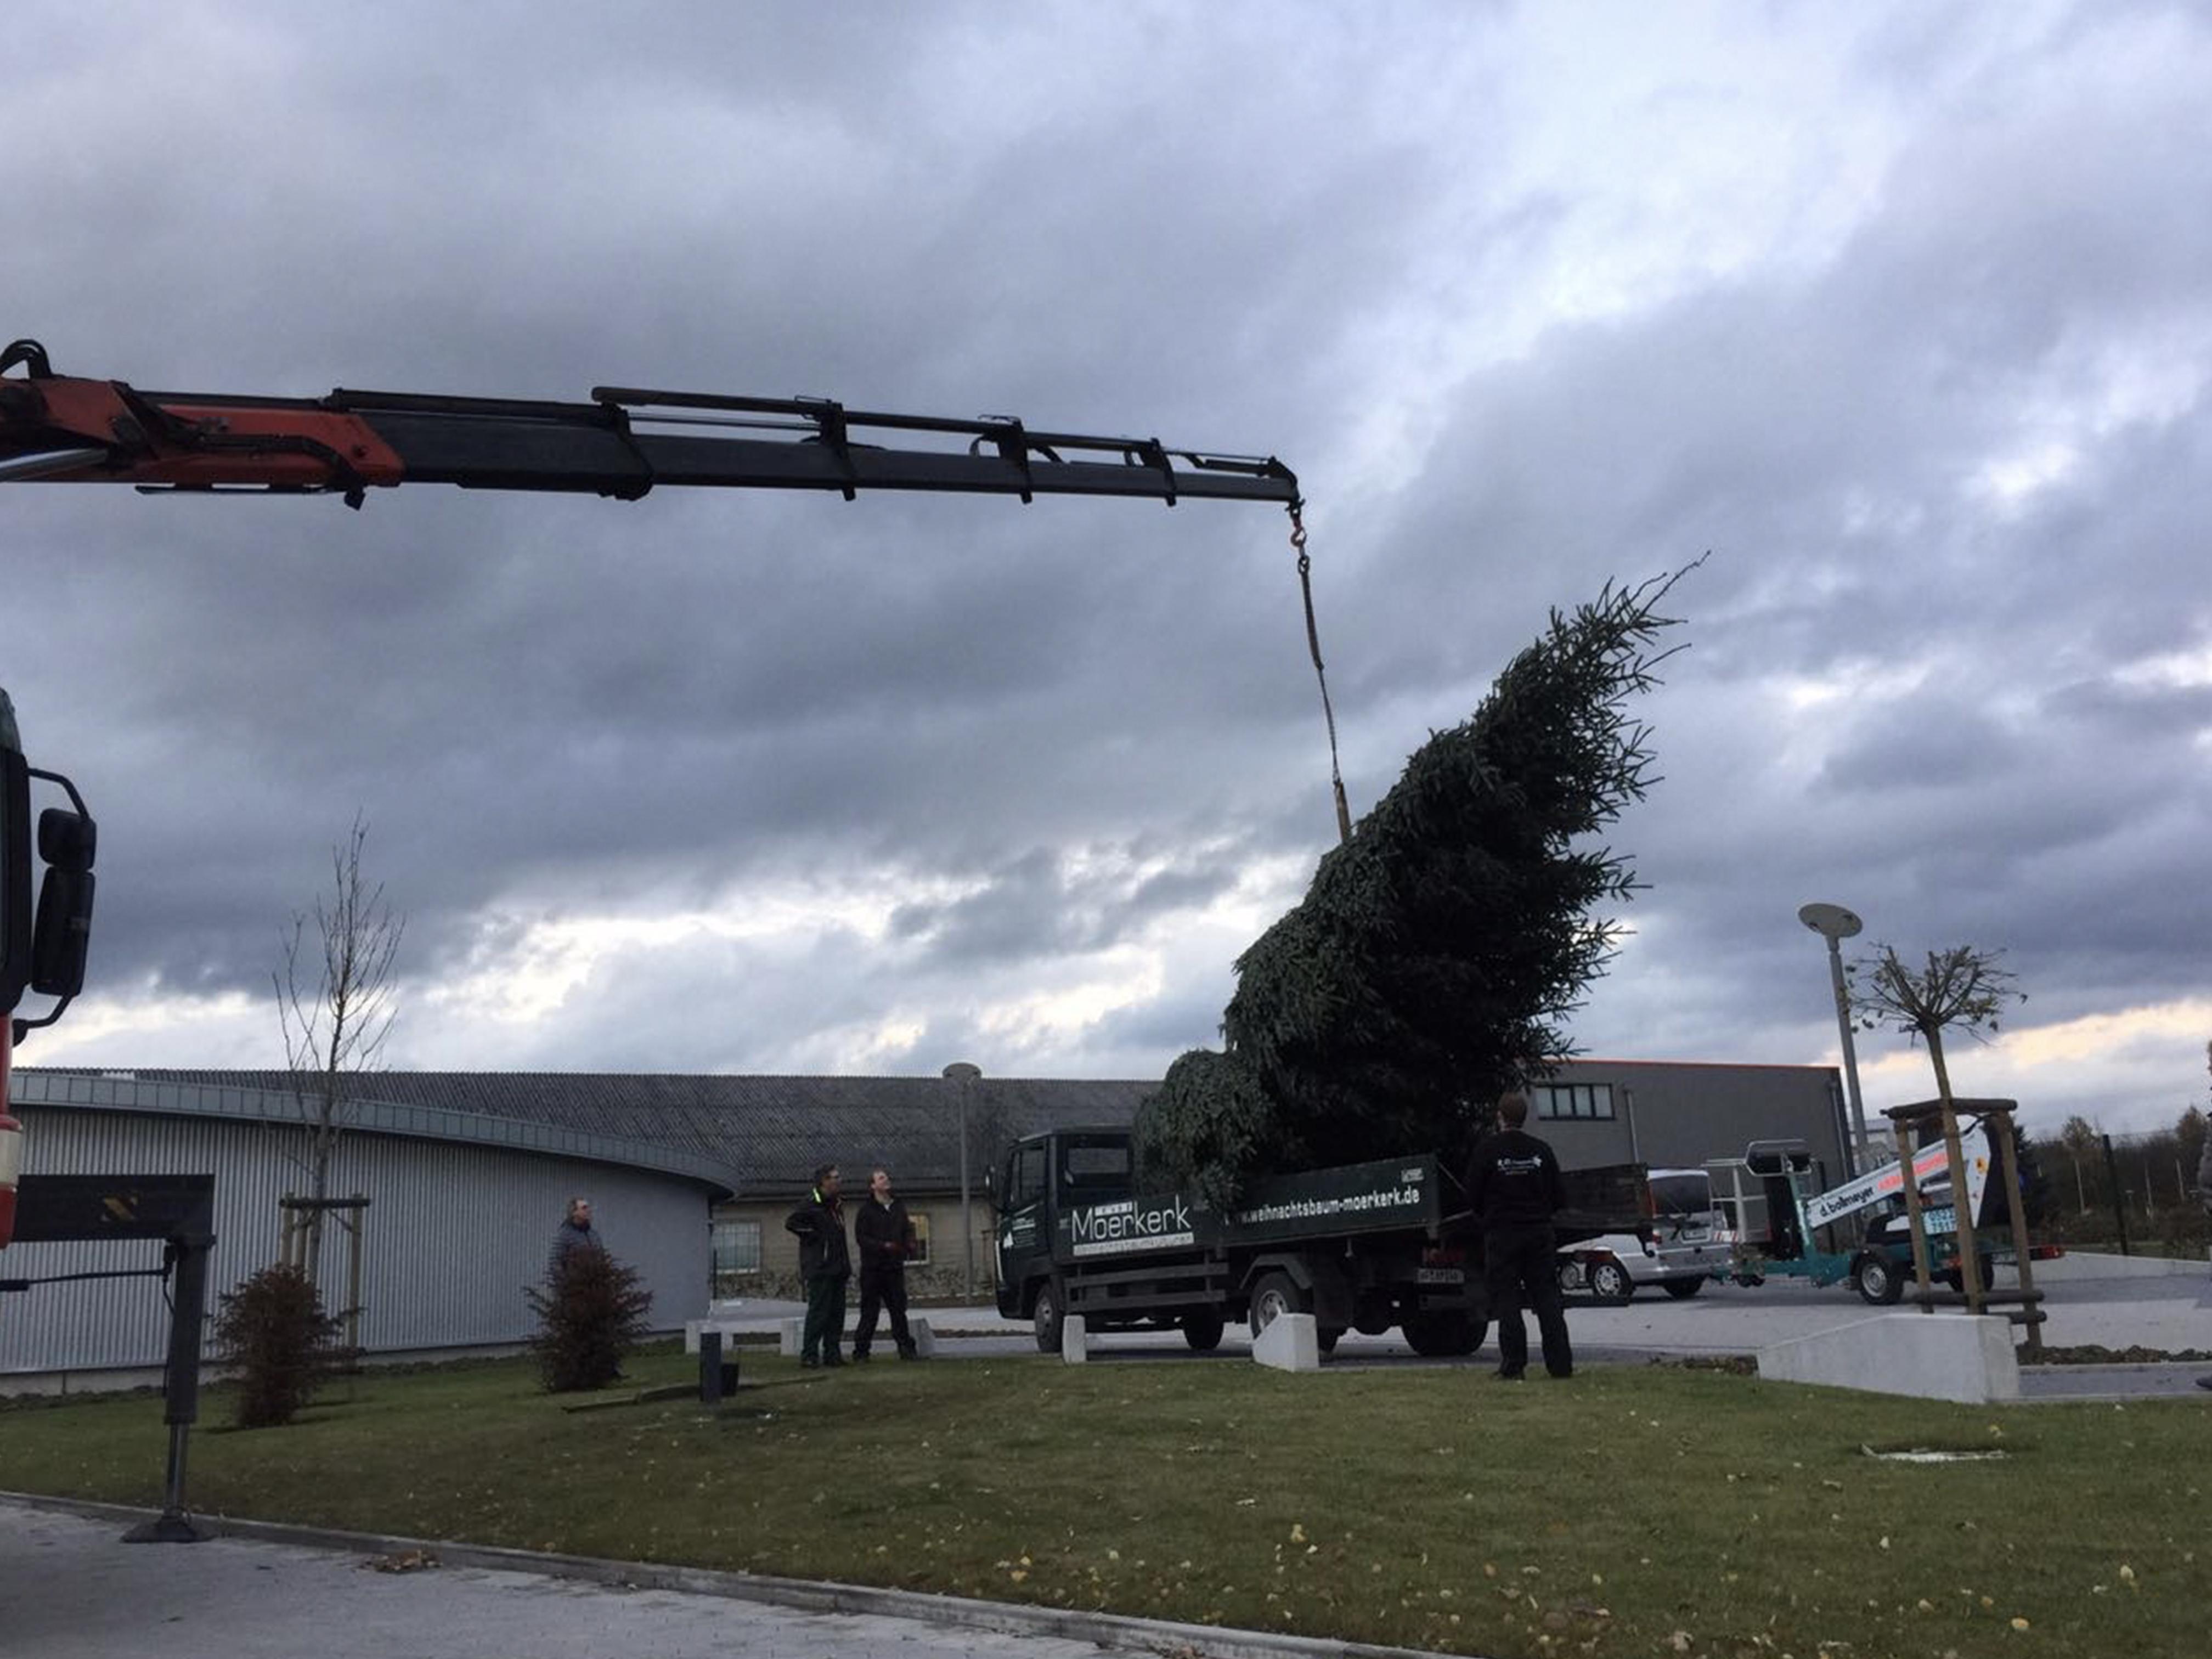 Gechäftskunden, ein großer Baum wird aufgestellt